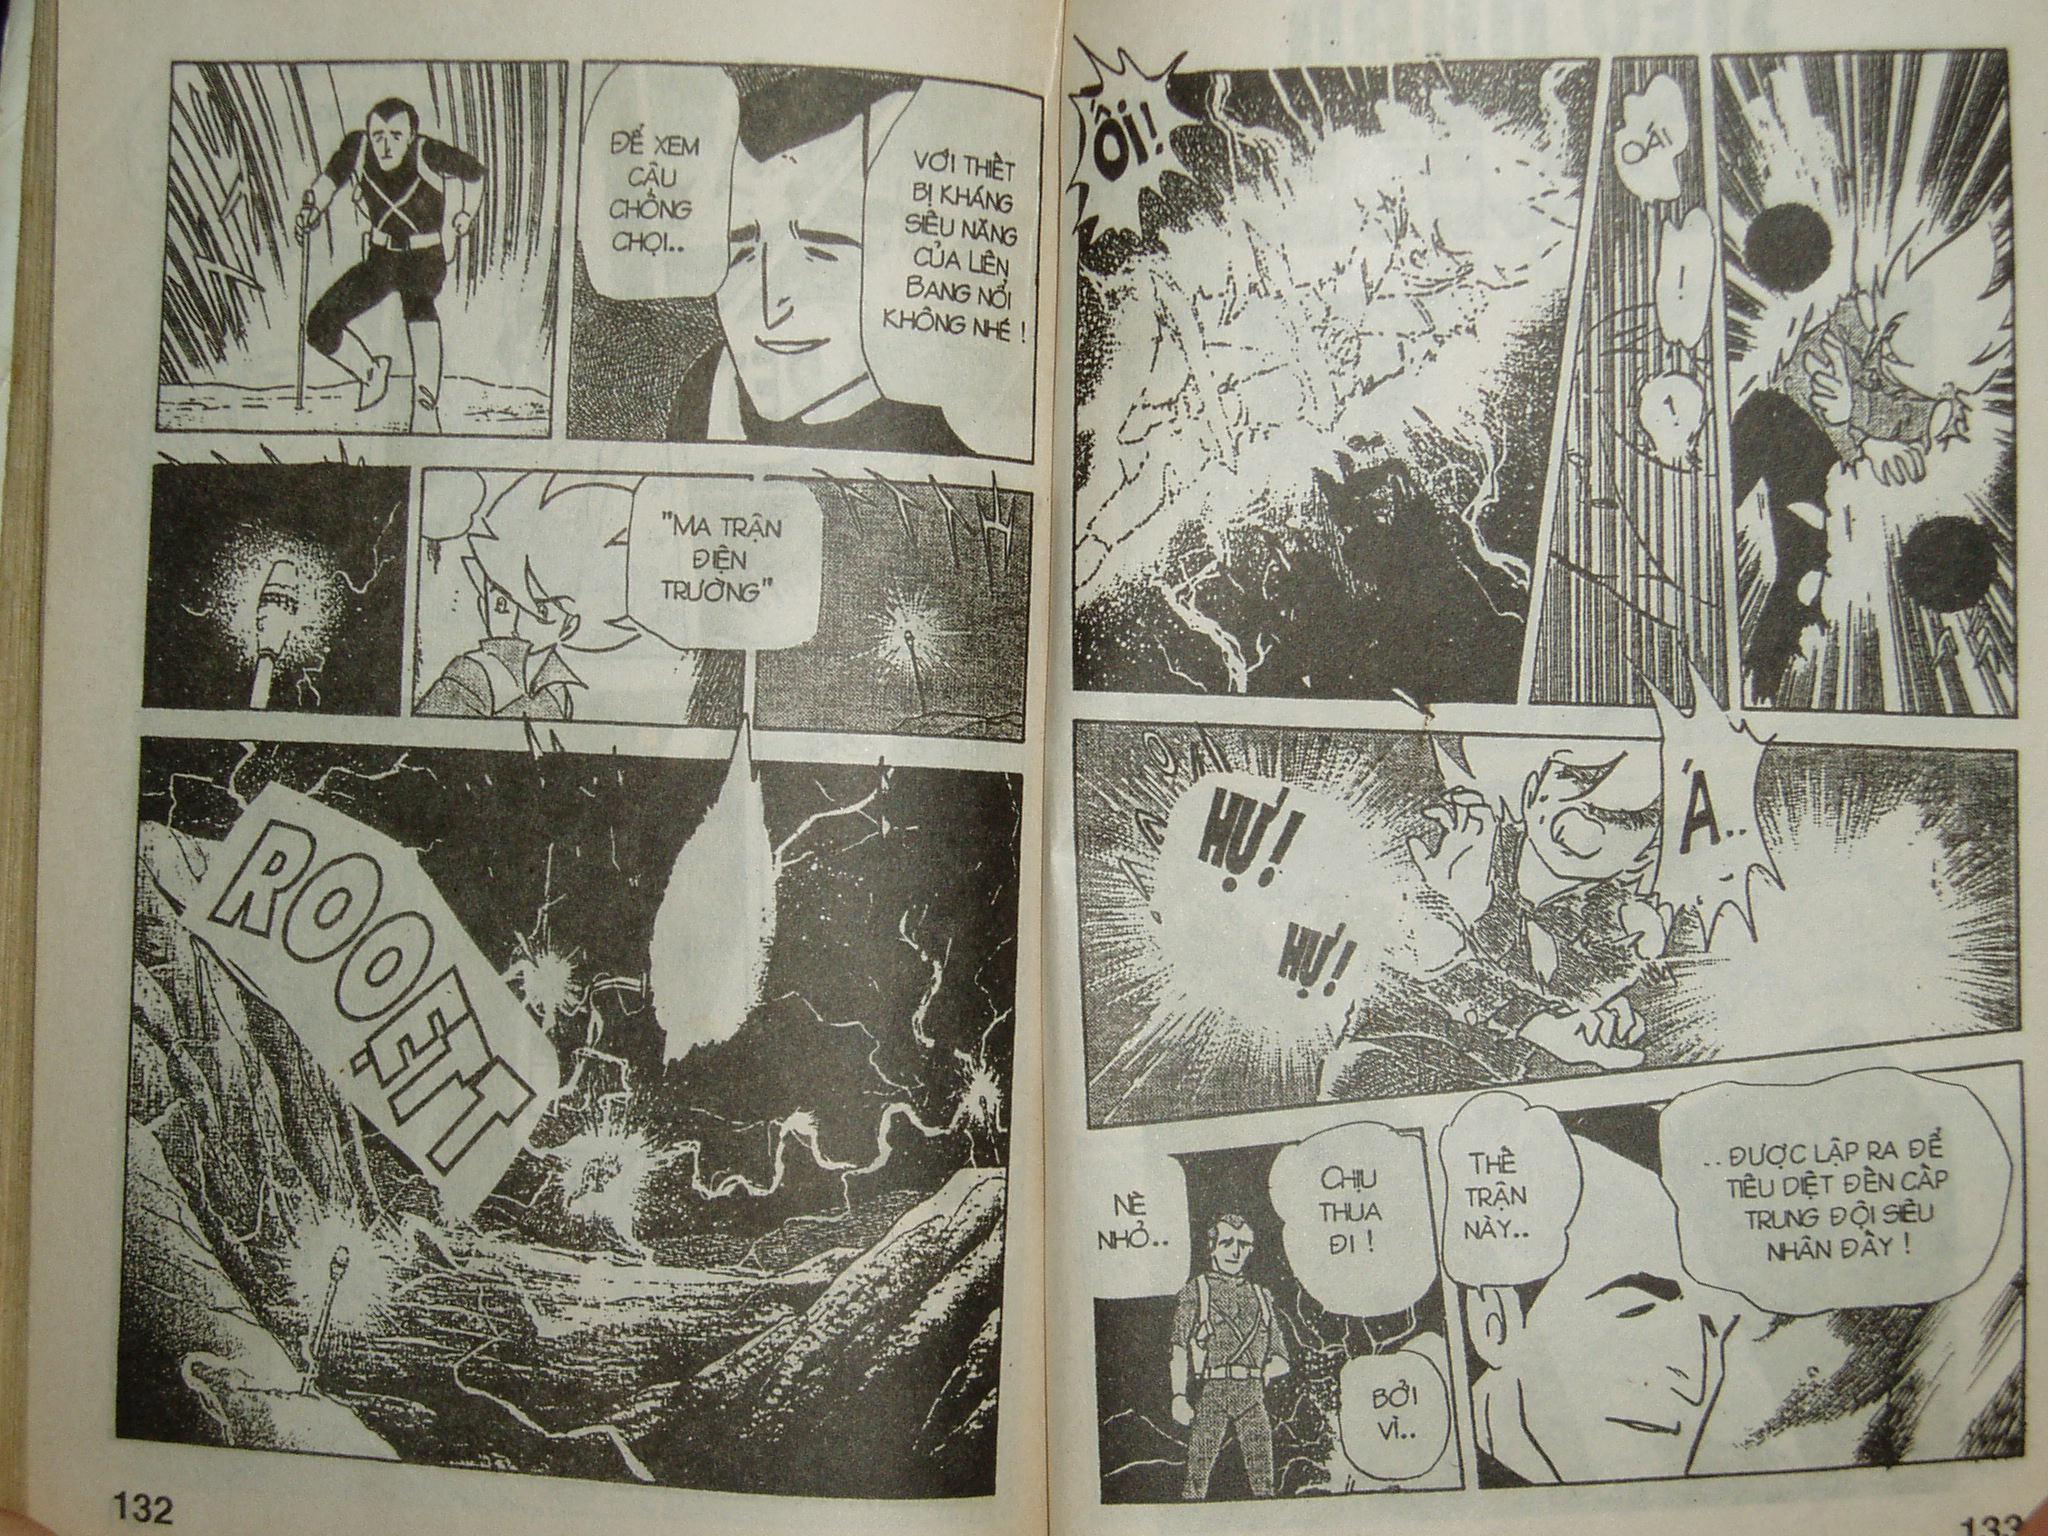 Siêu nhân Locke vol 16 trang 64